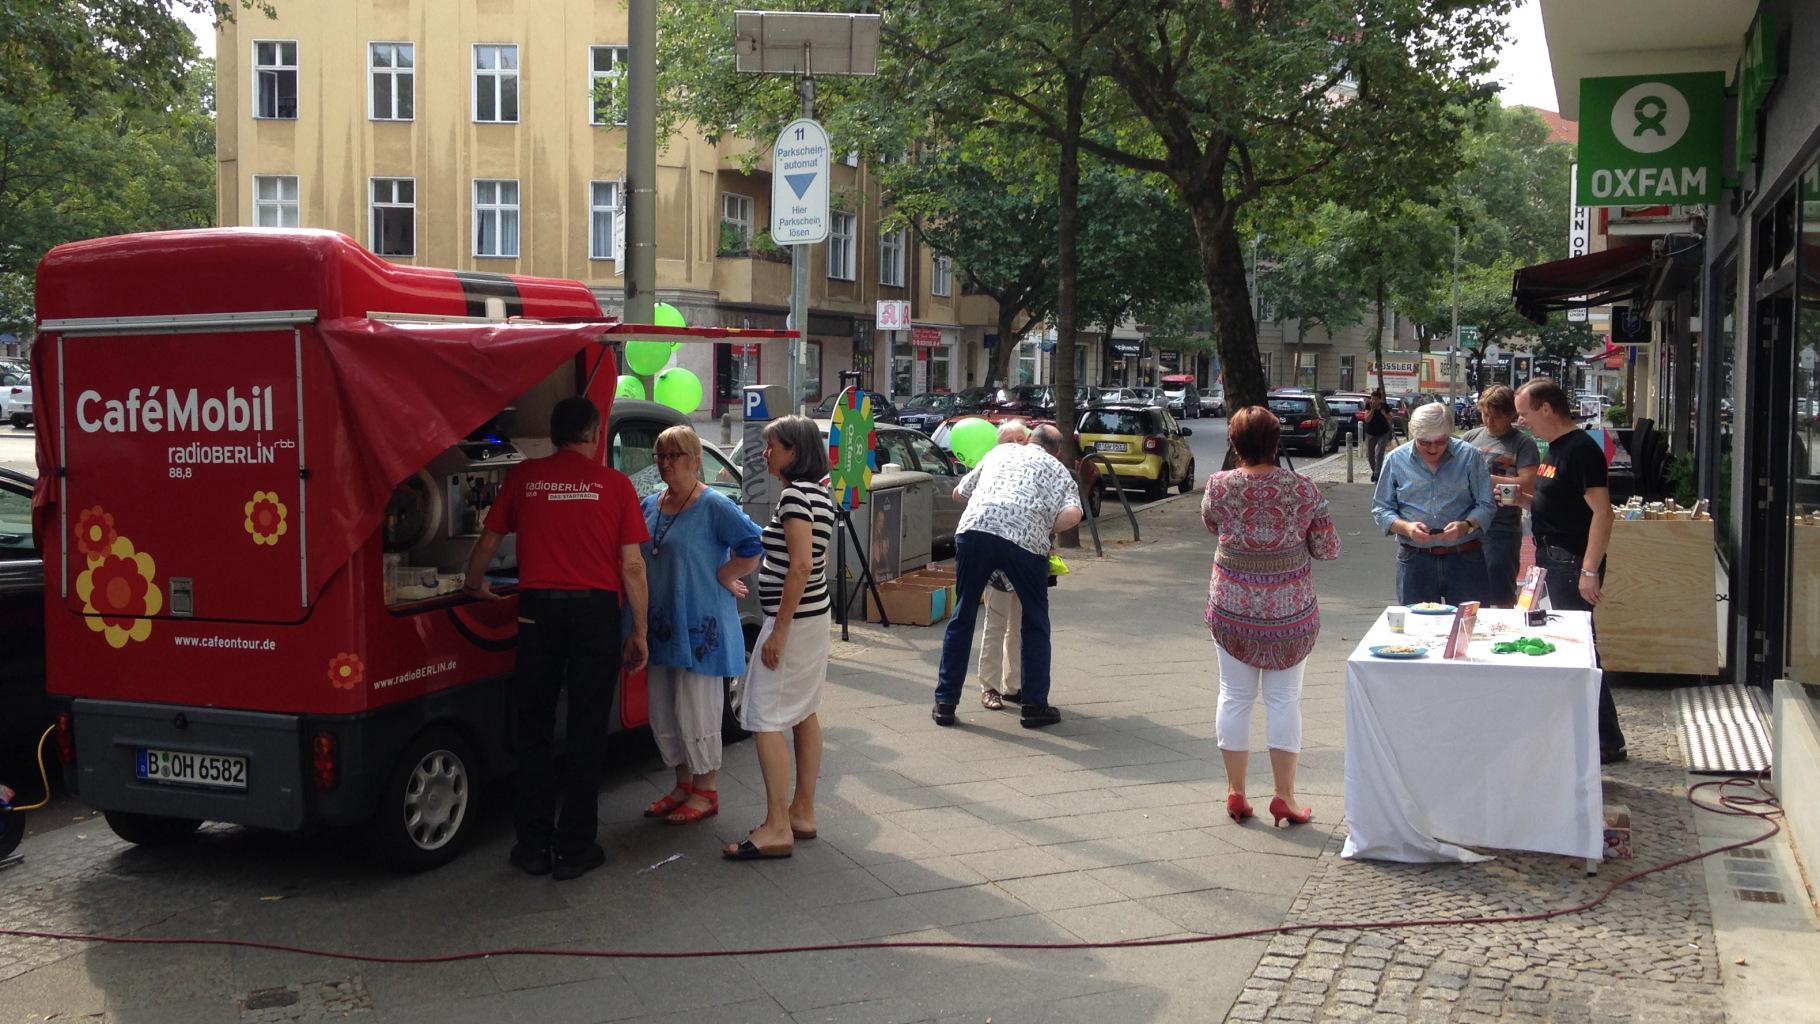 Café-Mobil von radioBERLIN 88,8 vom RBB zu Besuch im Oxfam MOVE Berlin